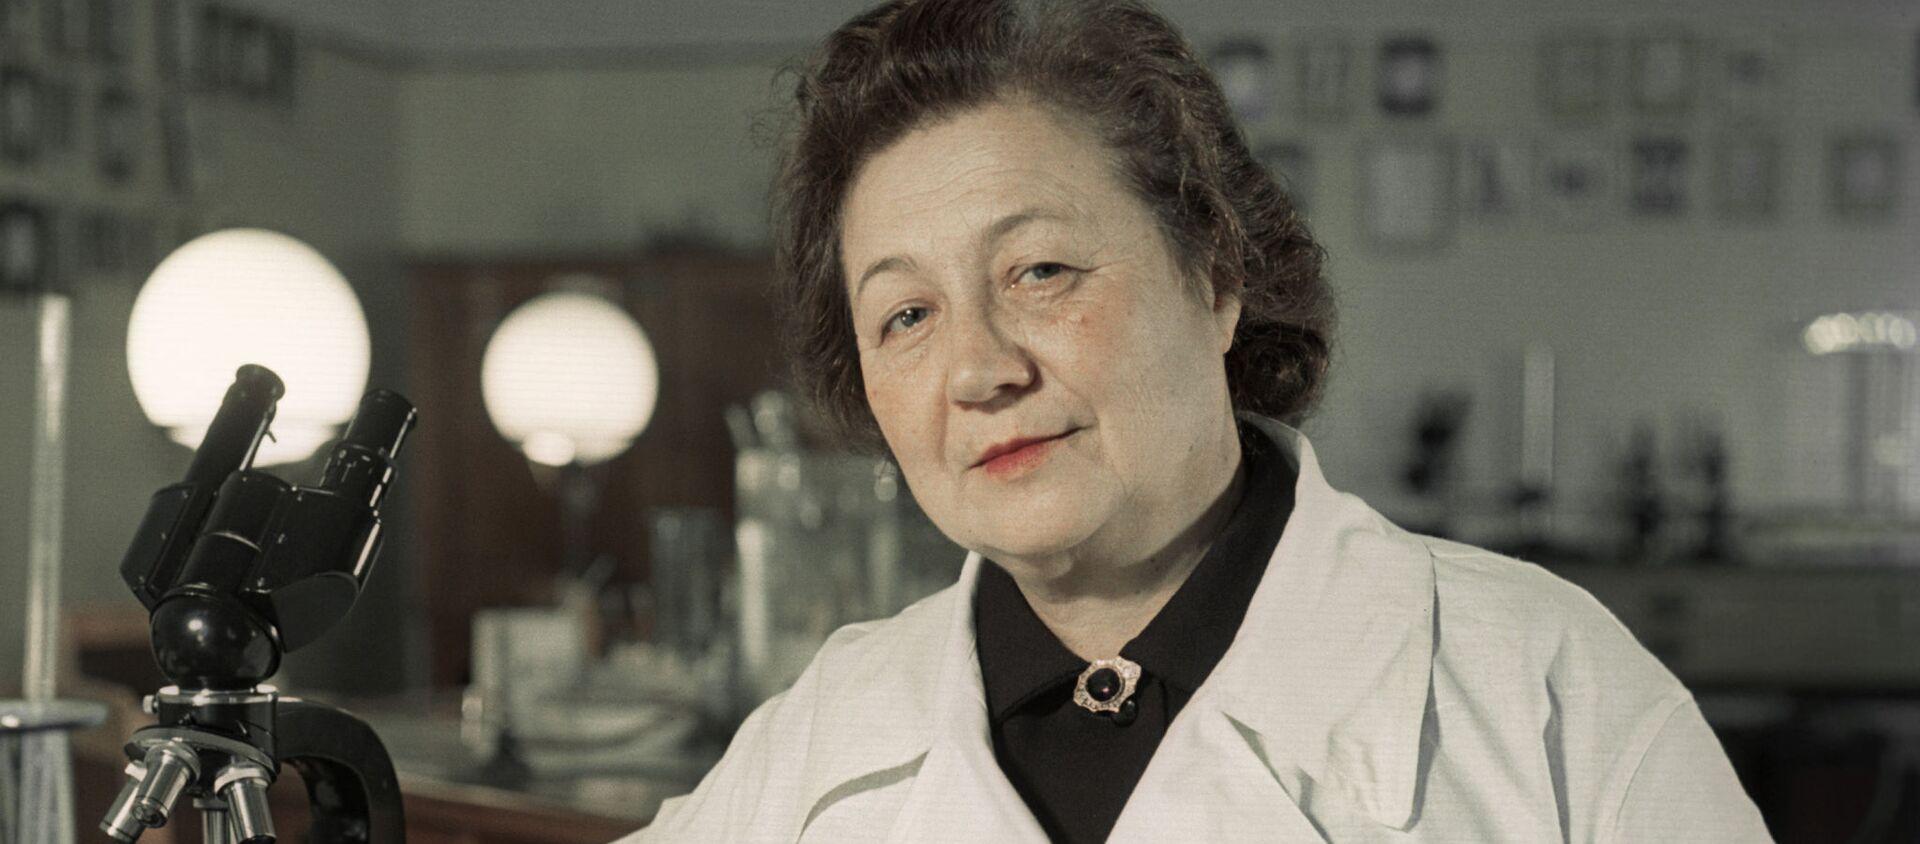 Zinaída Iermólieva, médica soviética especializada en microbiología y epidemiología - Sputnik Mundo, 1920, 11.02.2020